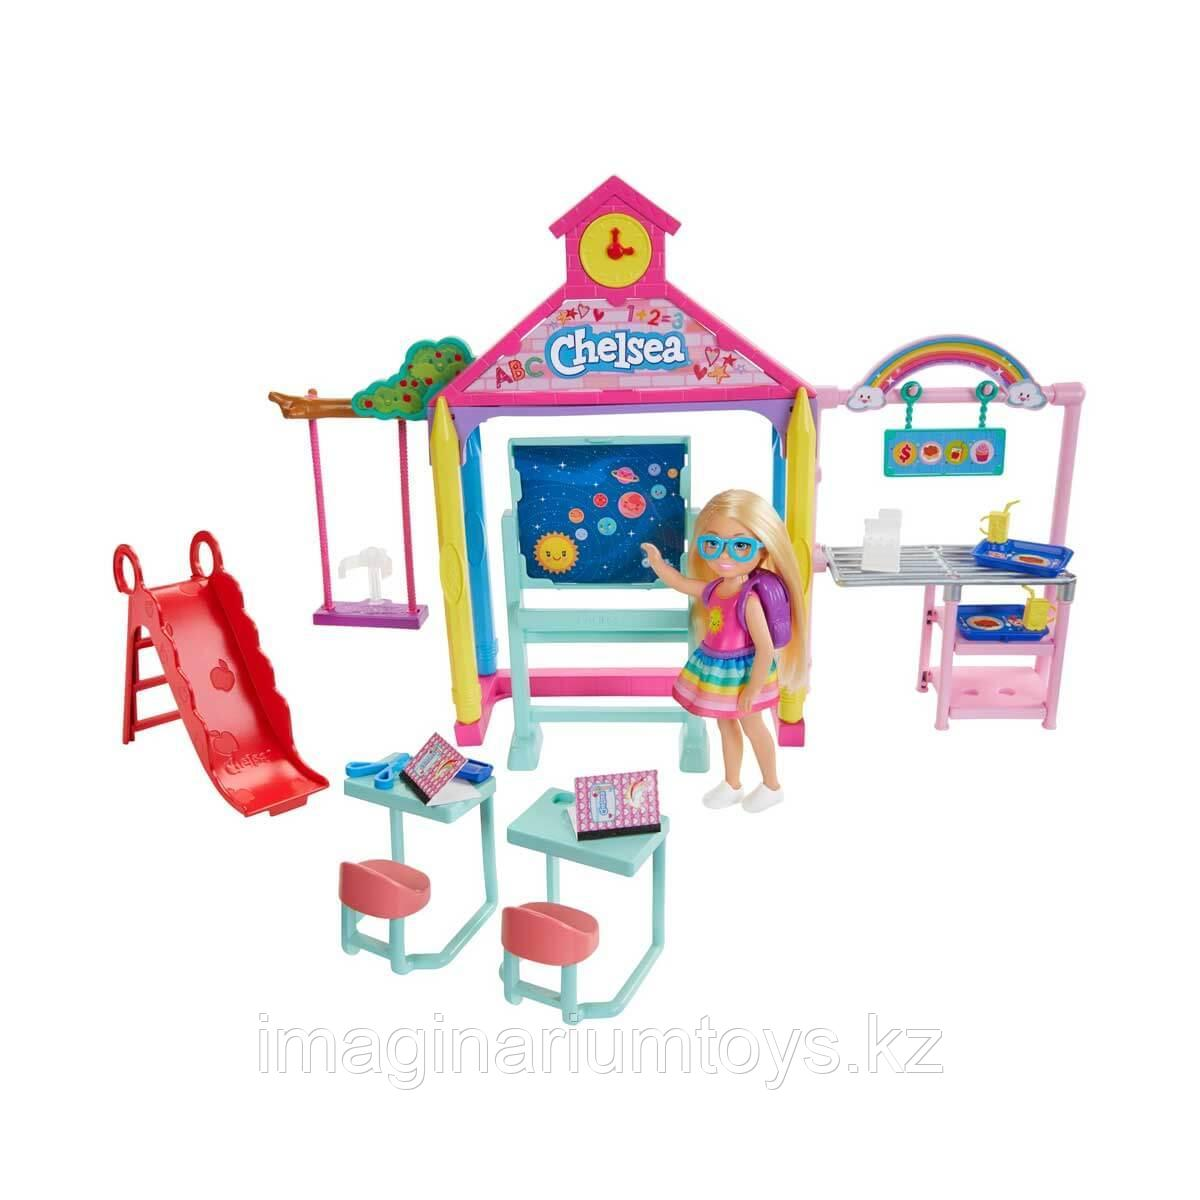 Mattel Barbie игровой набор Домик Челси в школе - фото 1